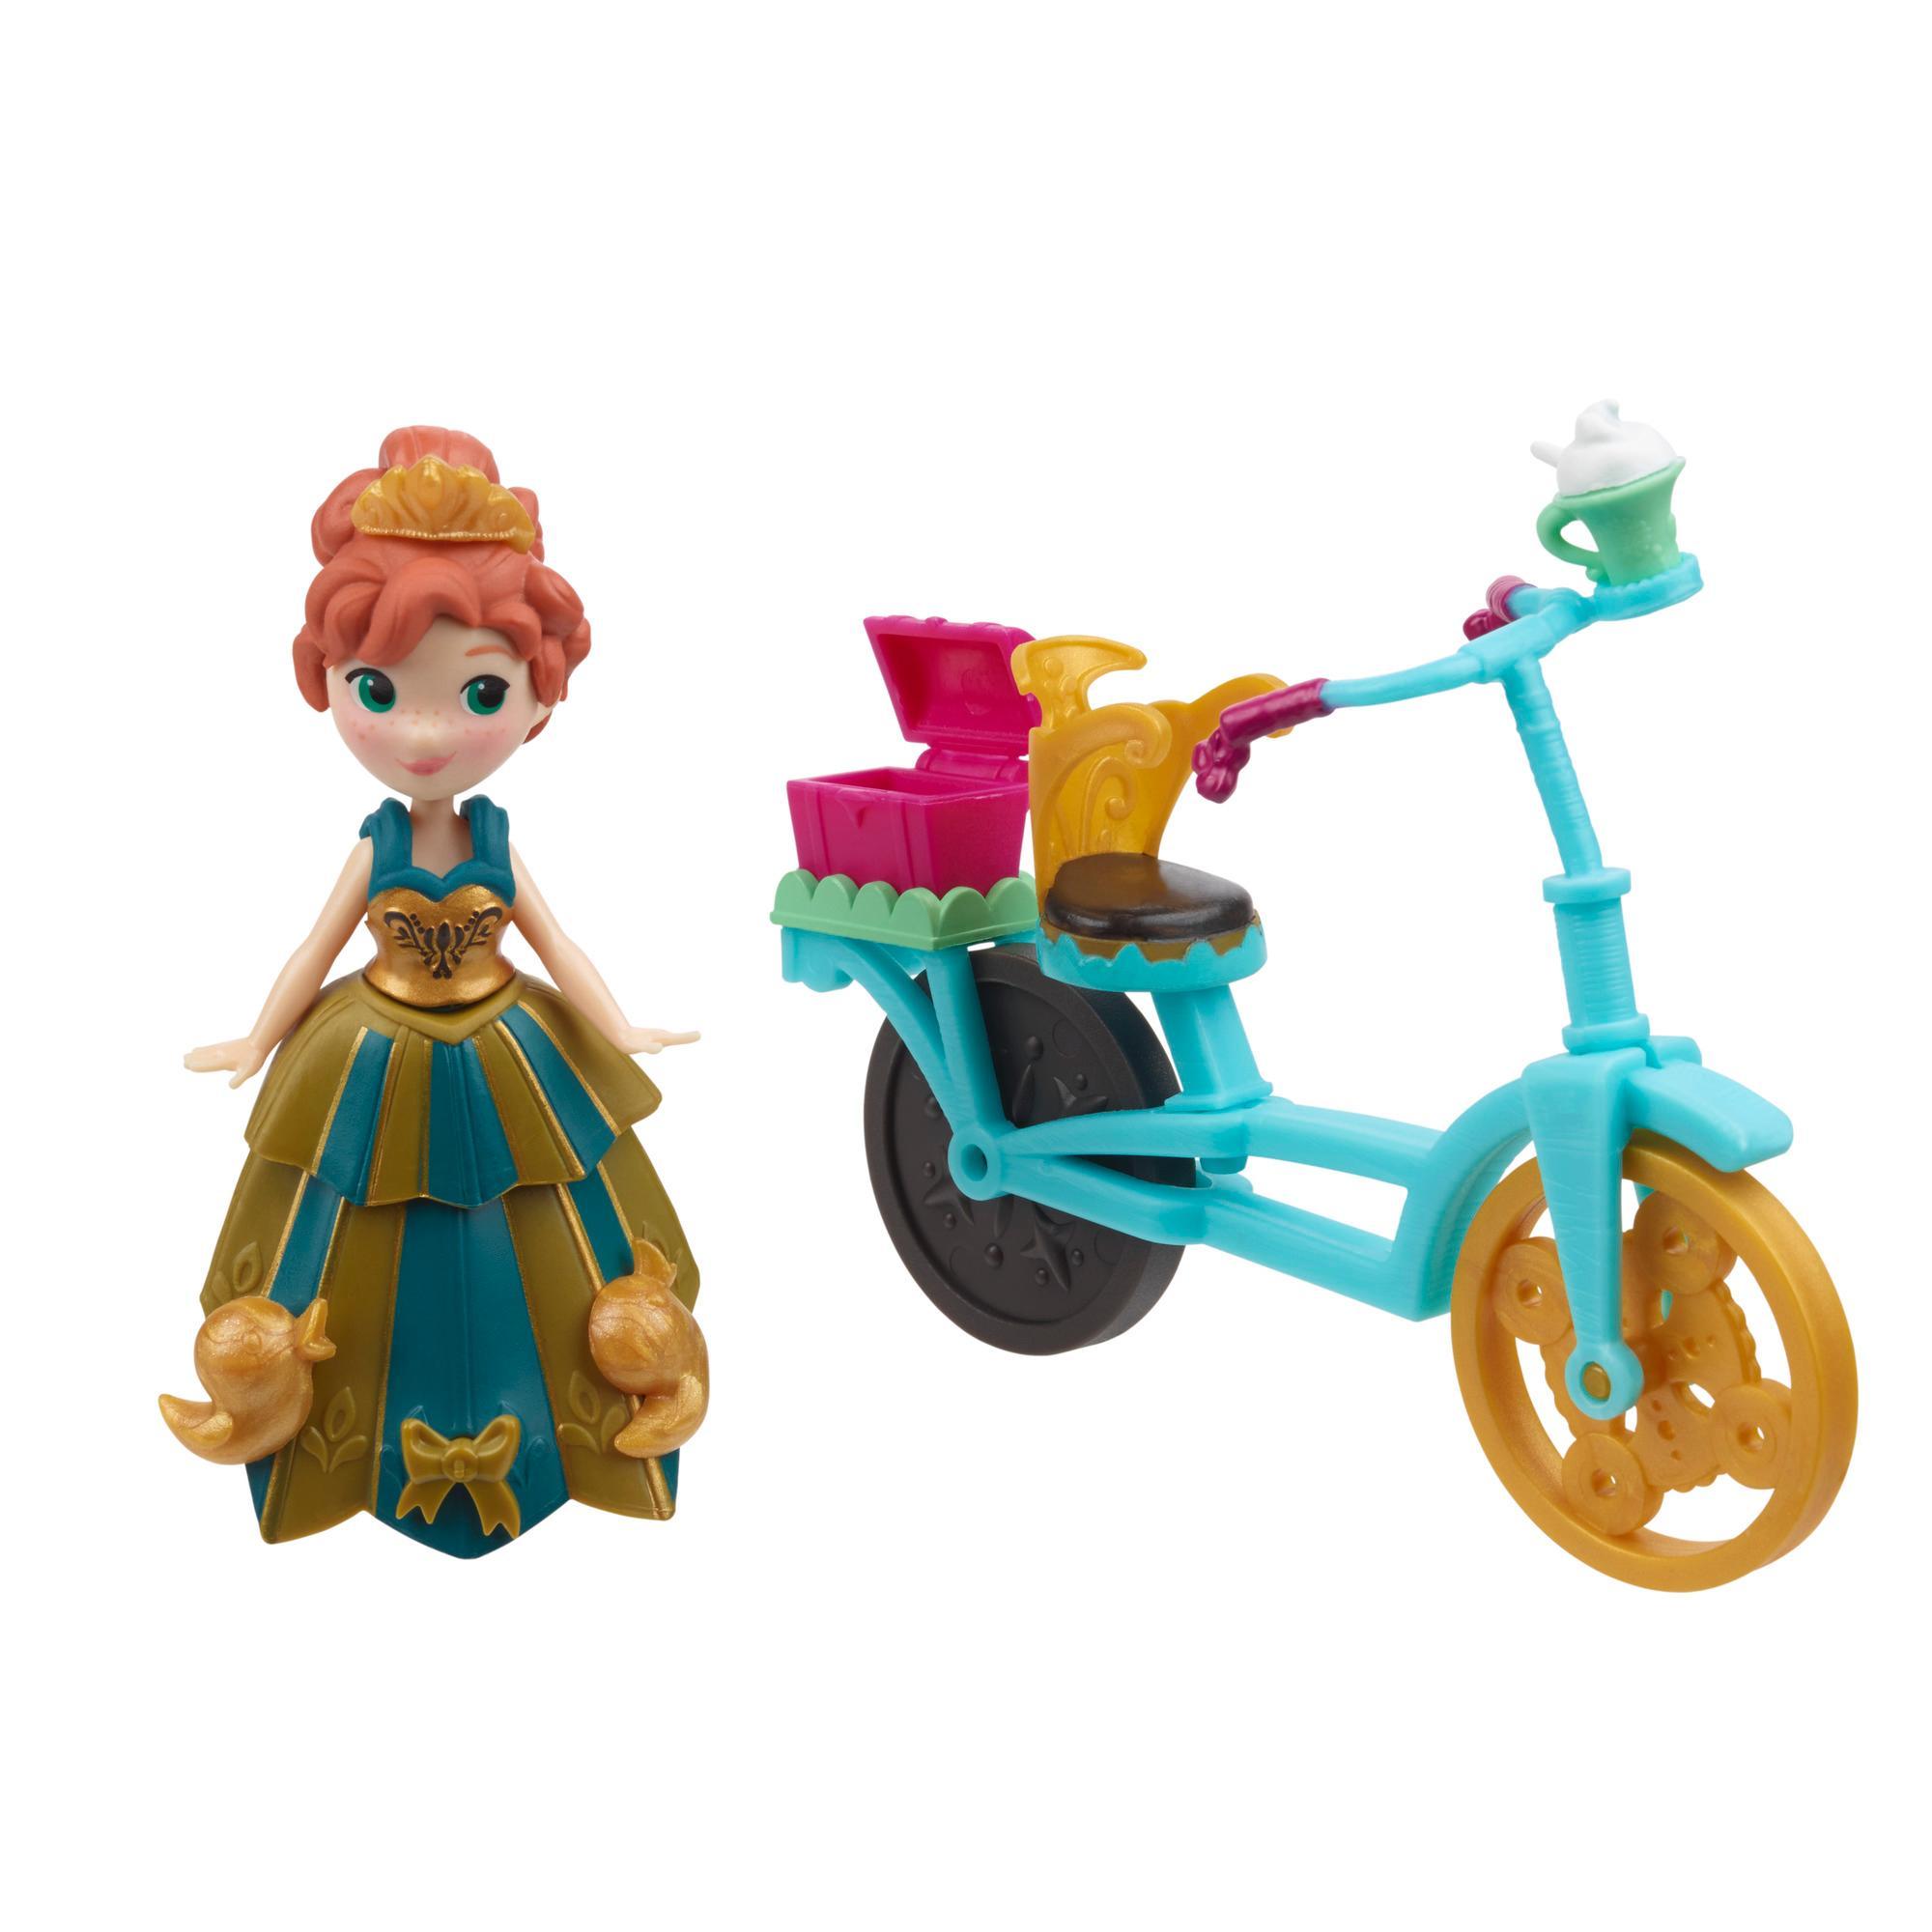 Anna y su bicicleta Pequeño Reino de Frozen Una aventura congelada de Disney